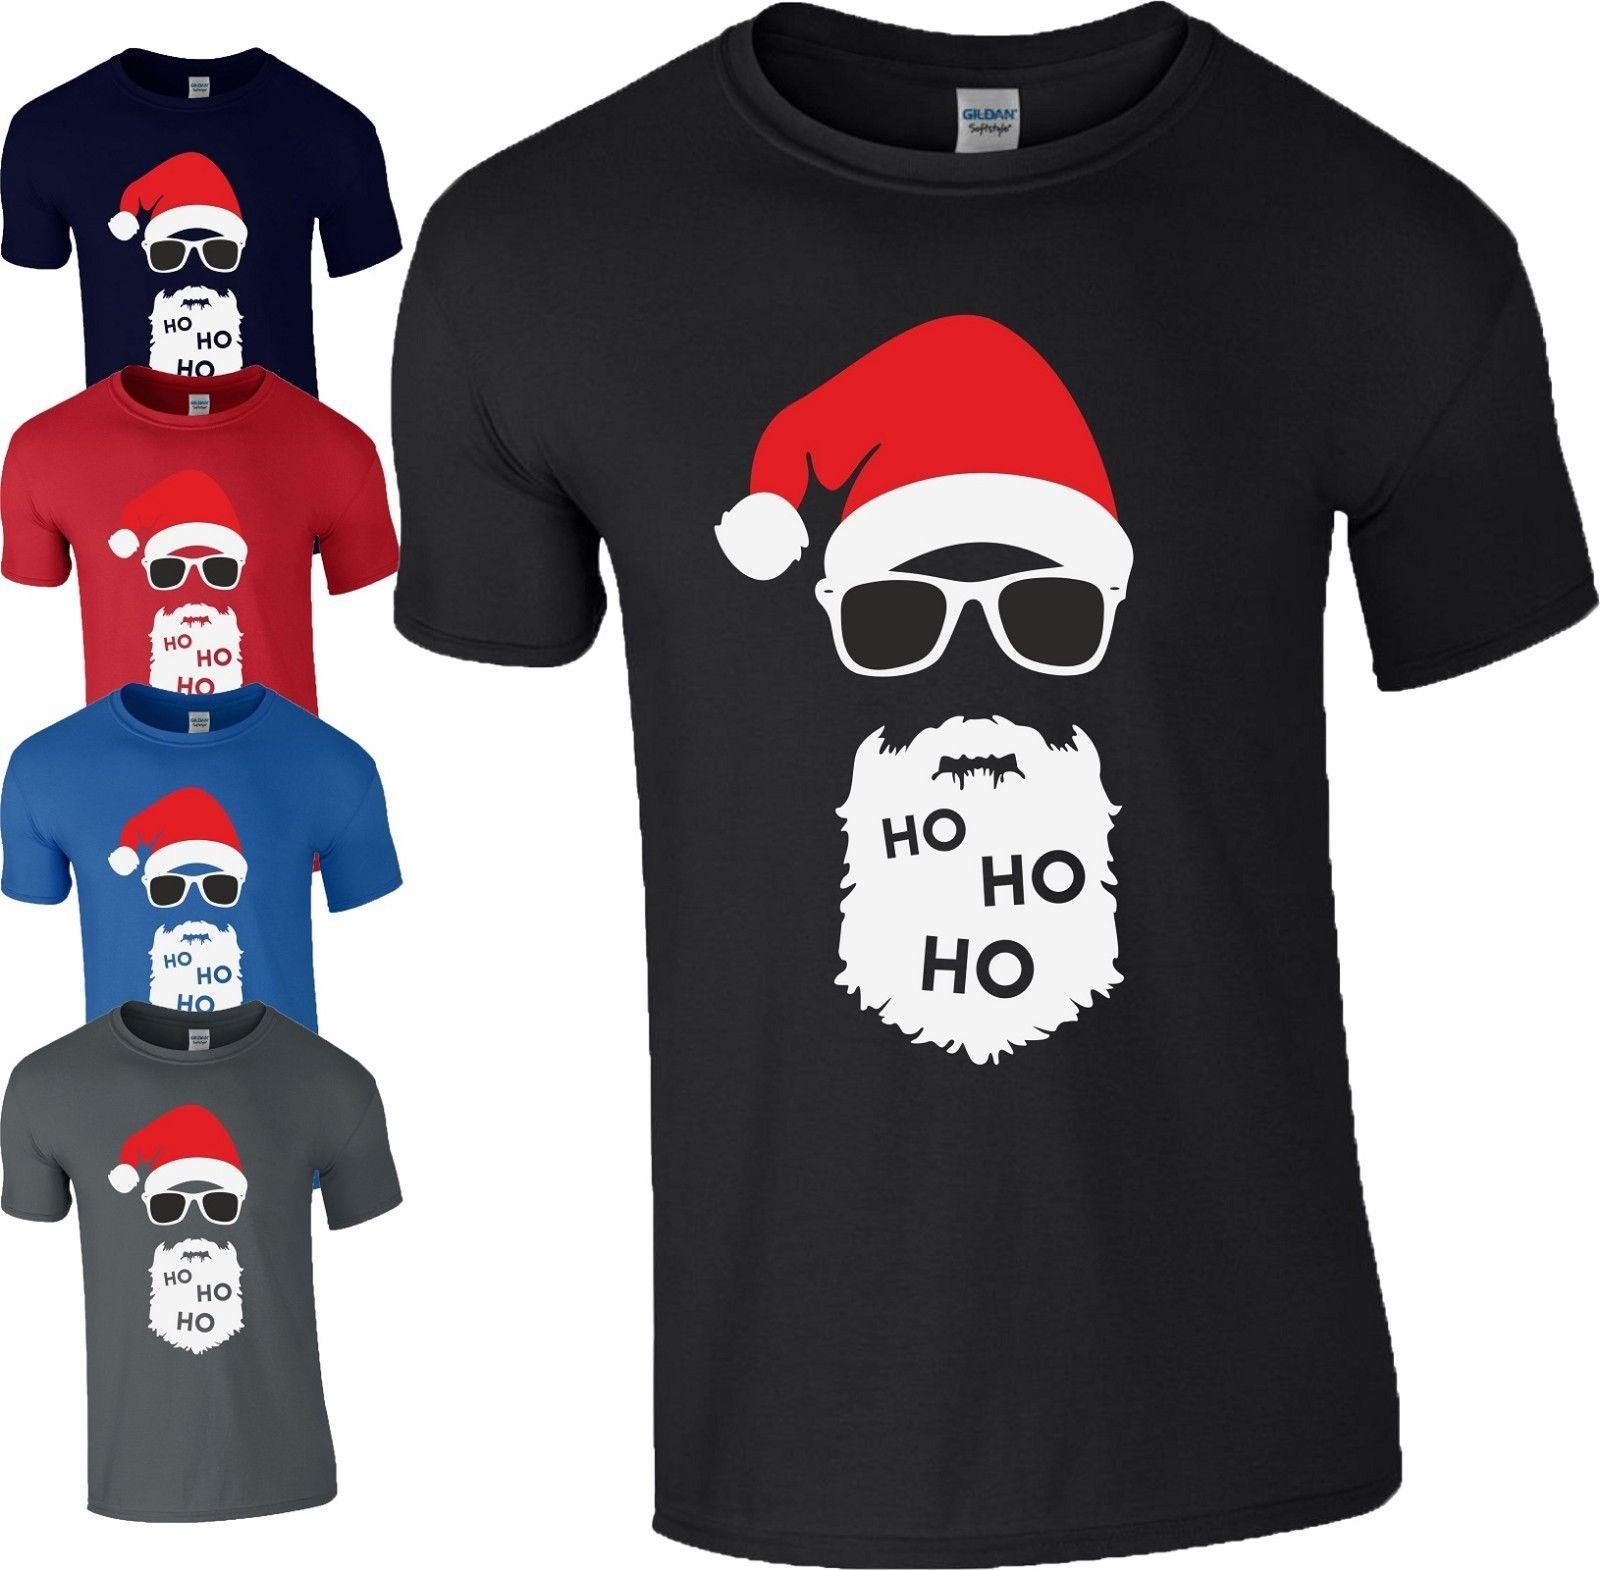 Großhandel HO HO HO Weihnachtsgeschenk T Shirt Weihnachtsmann Mütze ...